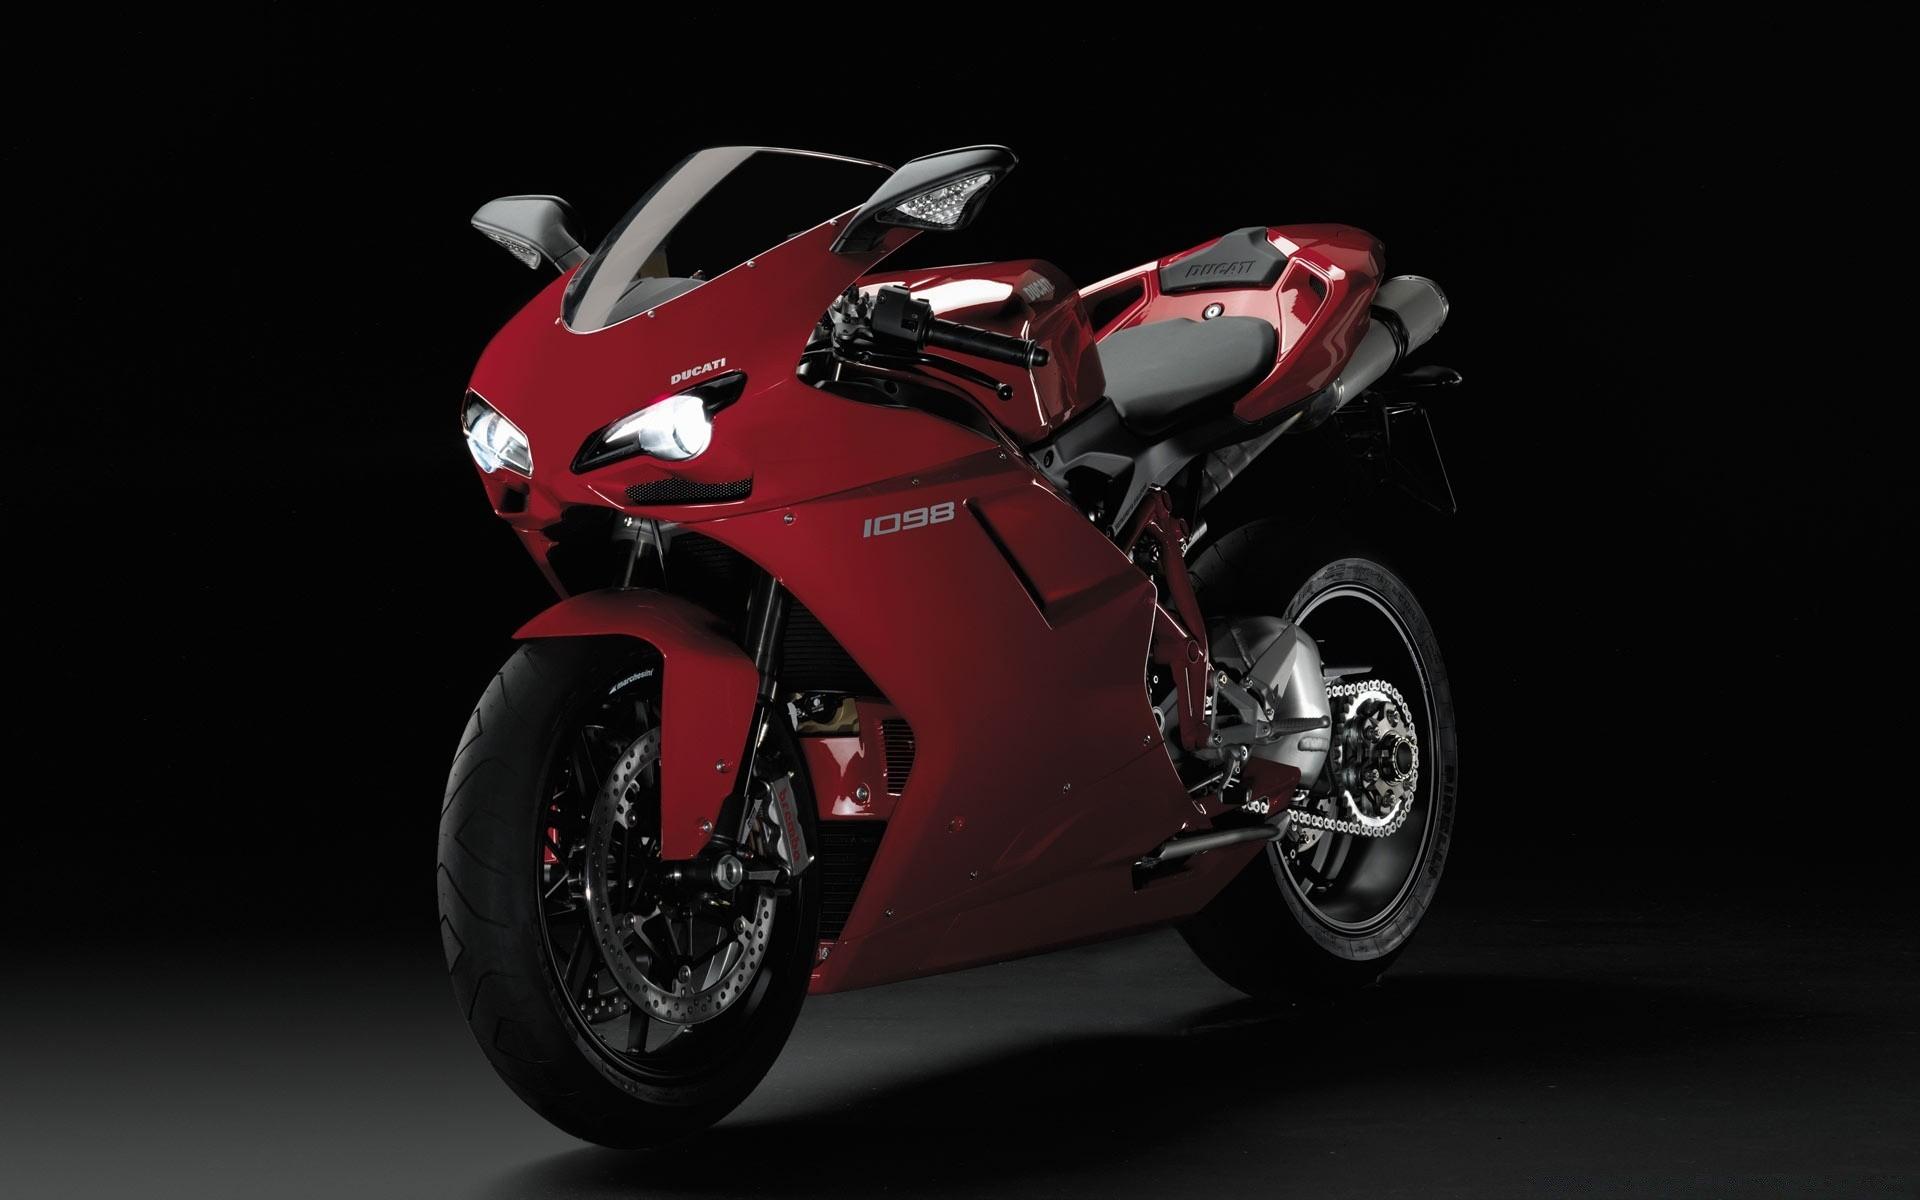 картинки с мотоциклами на телефон нее сольная